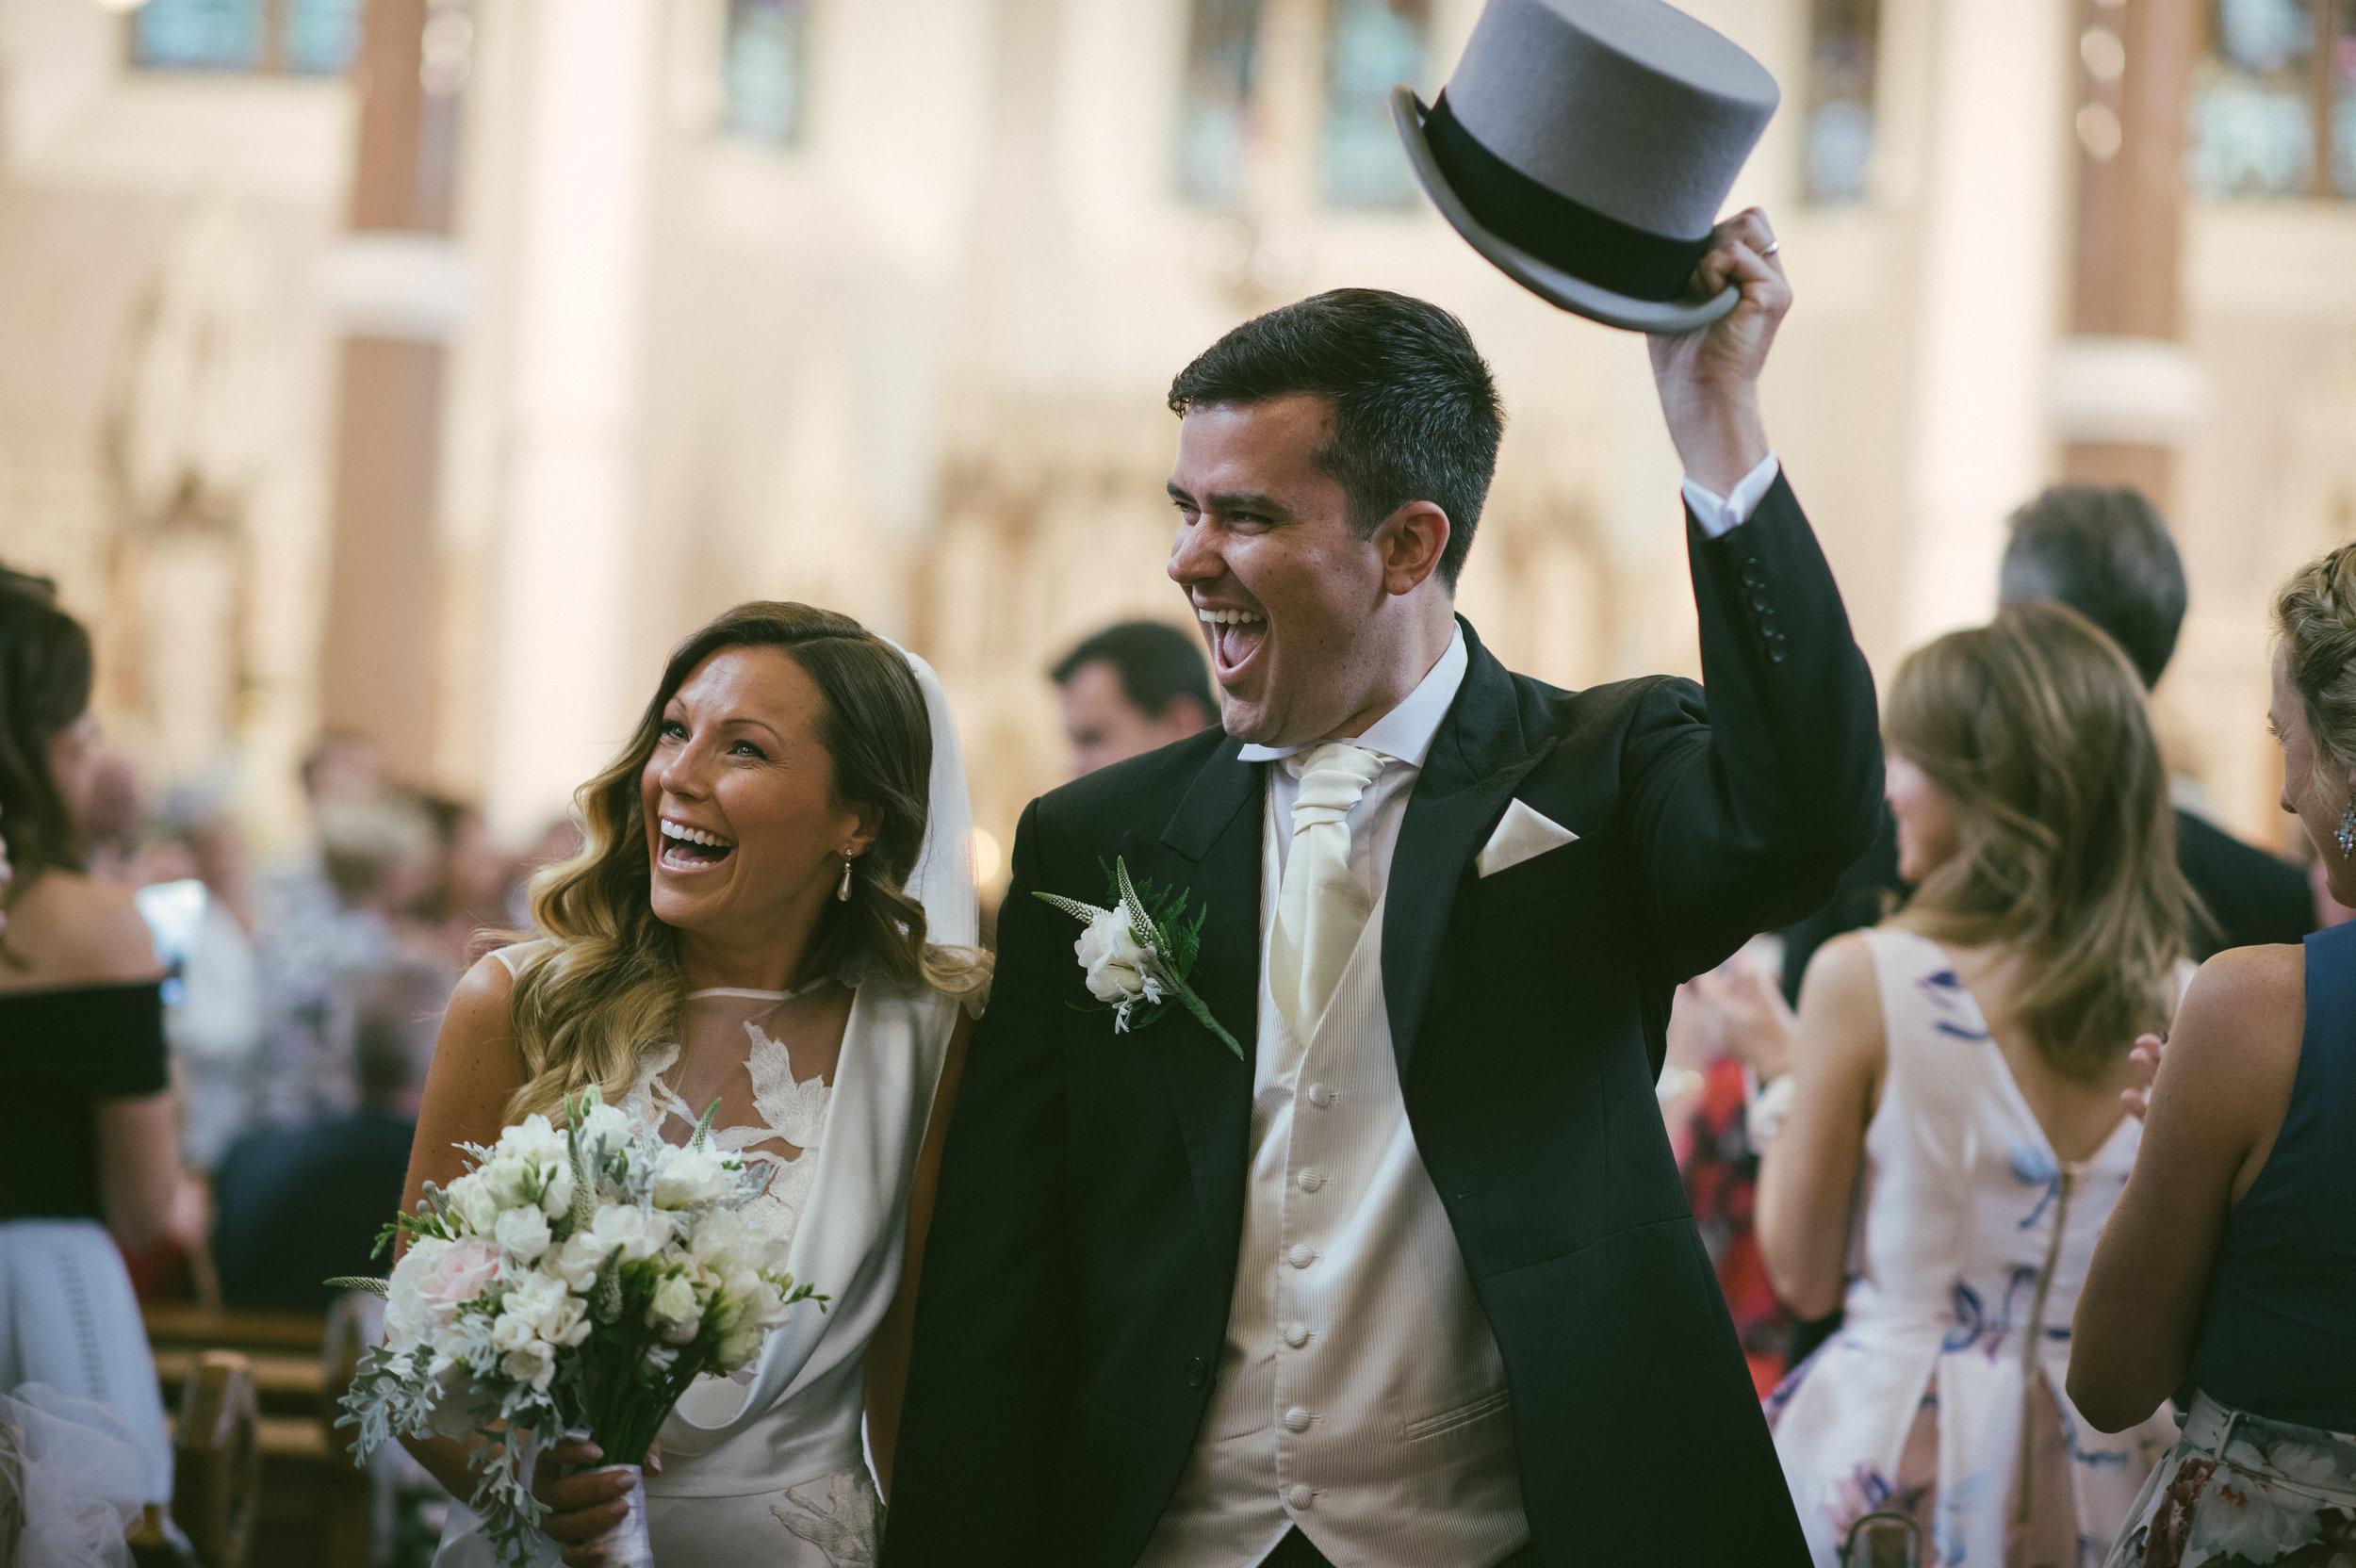 wedding-photography-carton-house-martina-california-275.jpg